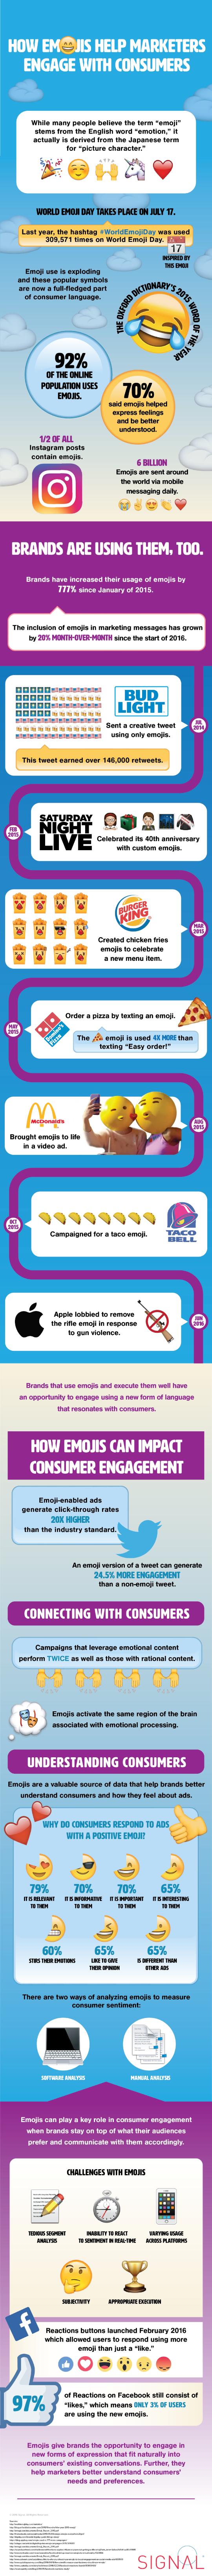 Brands emojies signal